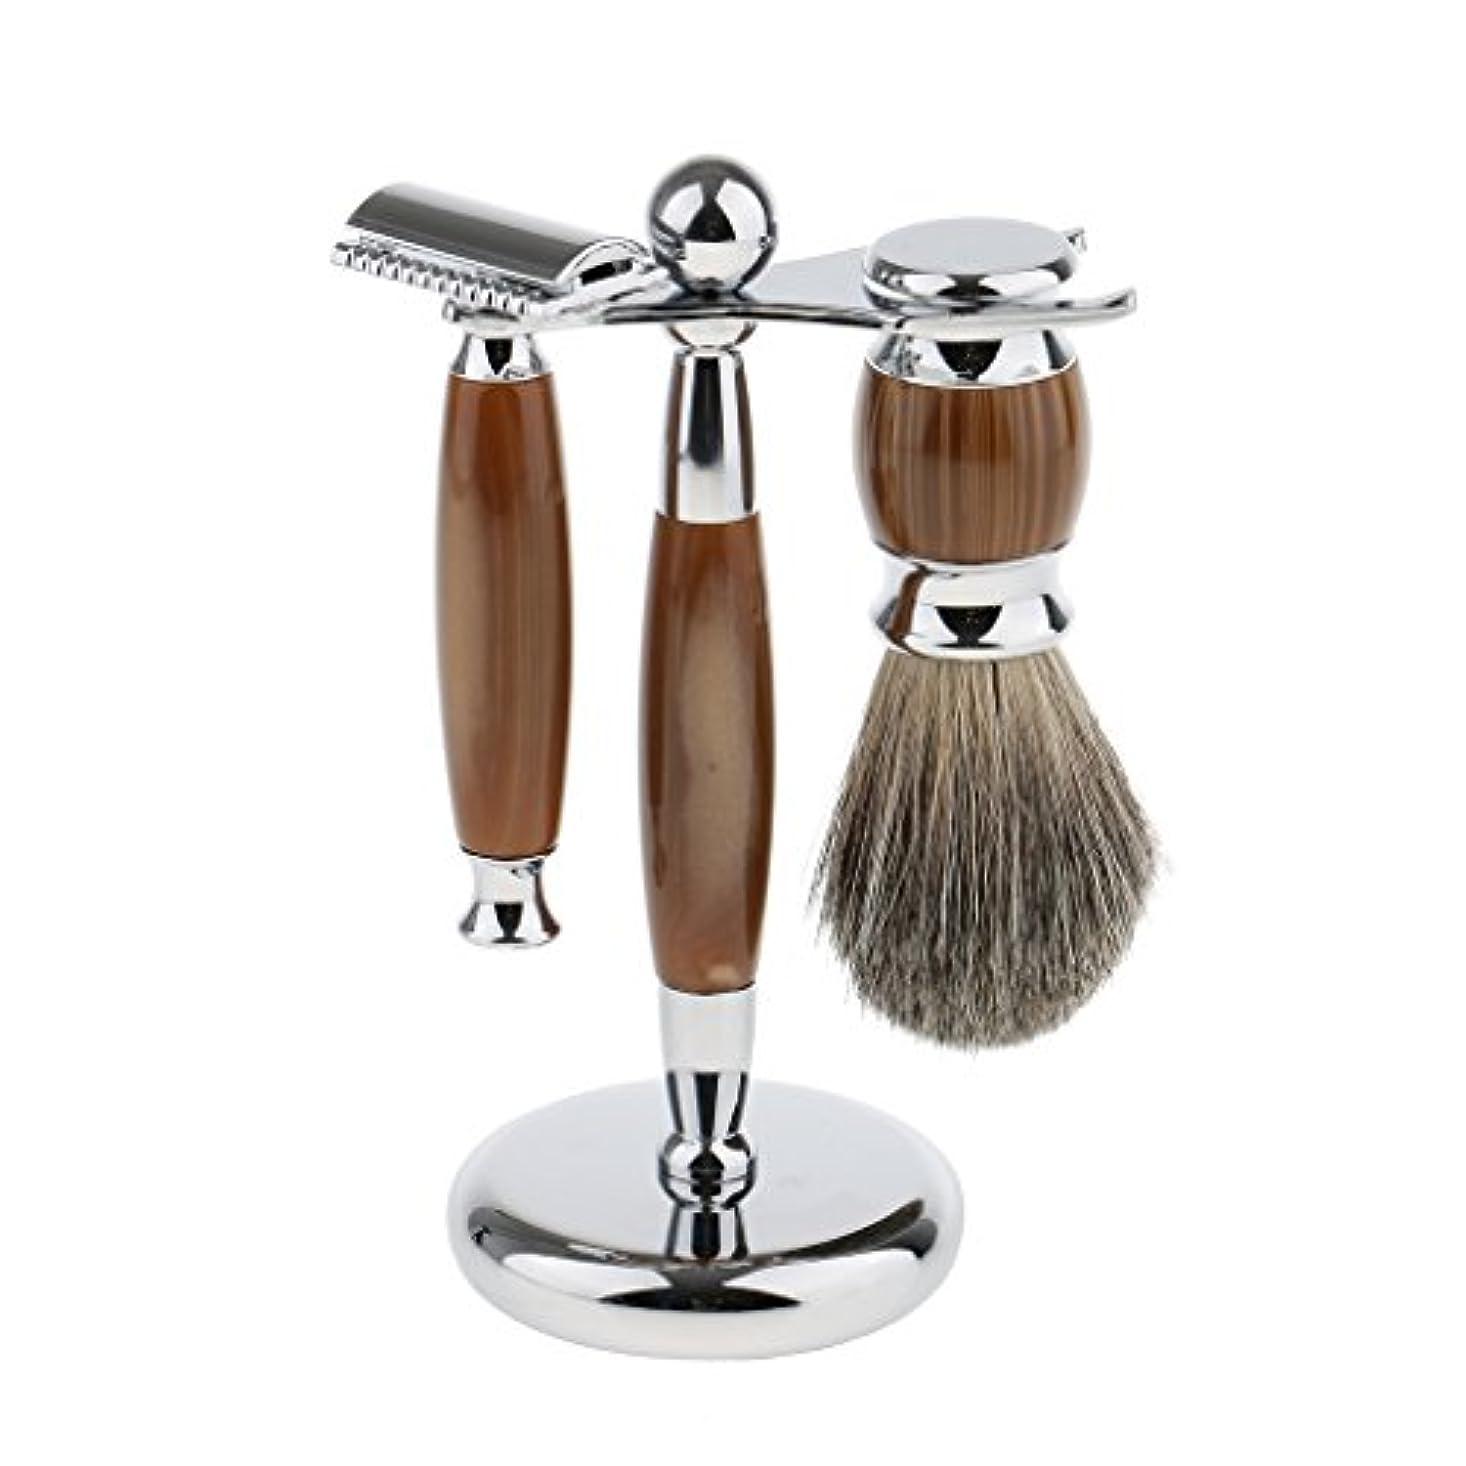 校長明日退却Baoblaze 3点入り シェービング スタンド ブラシ マニュアル ダブルエッジ 髭剃り メイク レトロ プレゼント 3色選べ - タイプ3